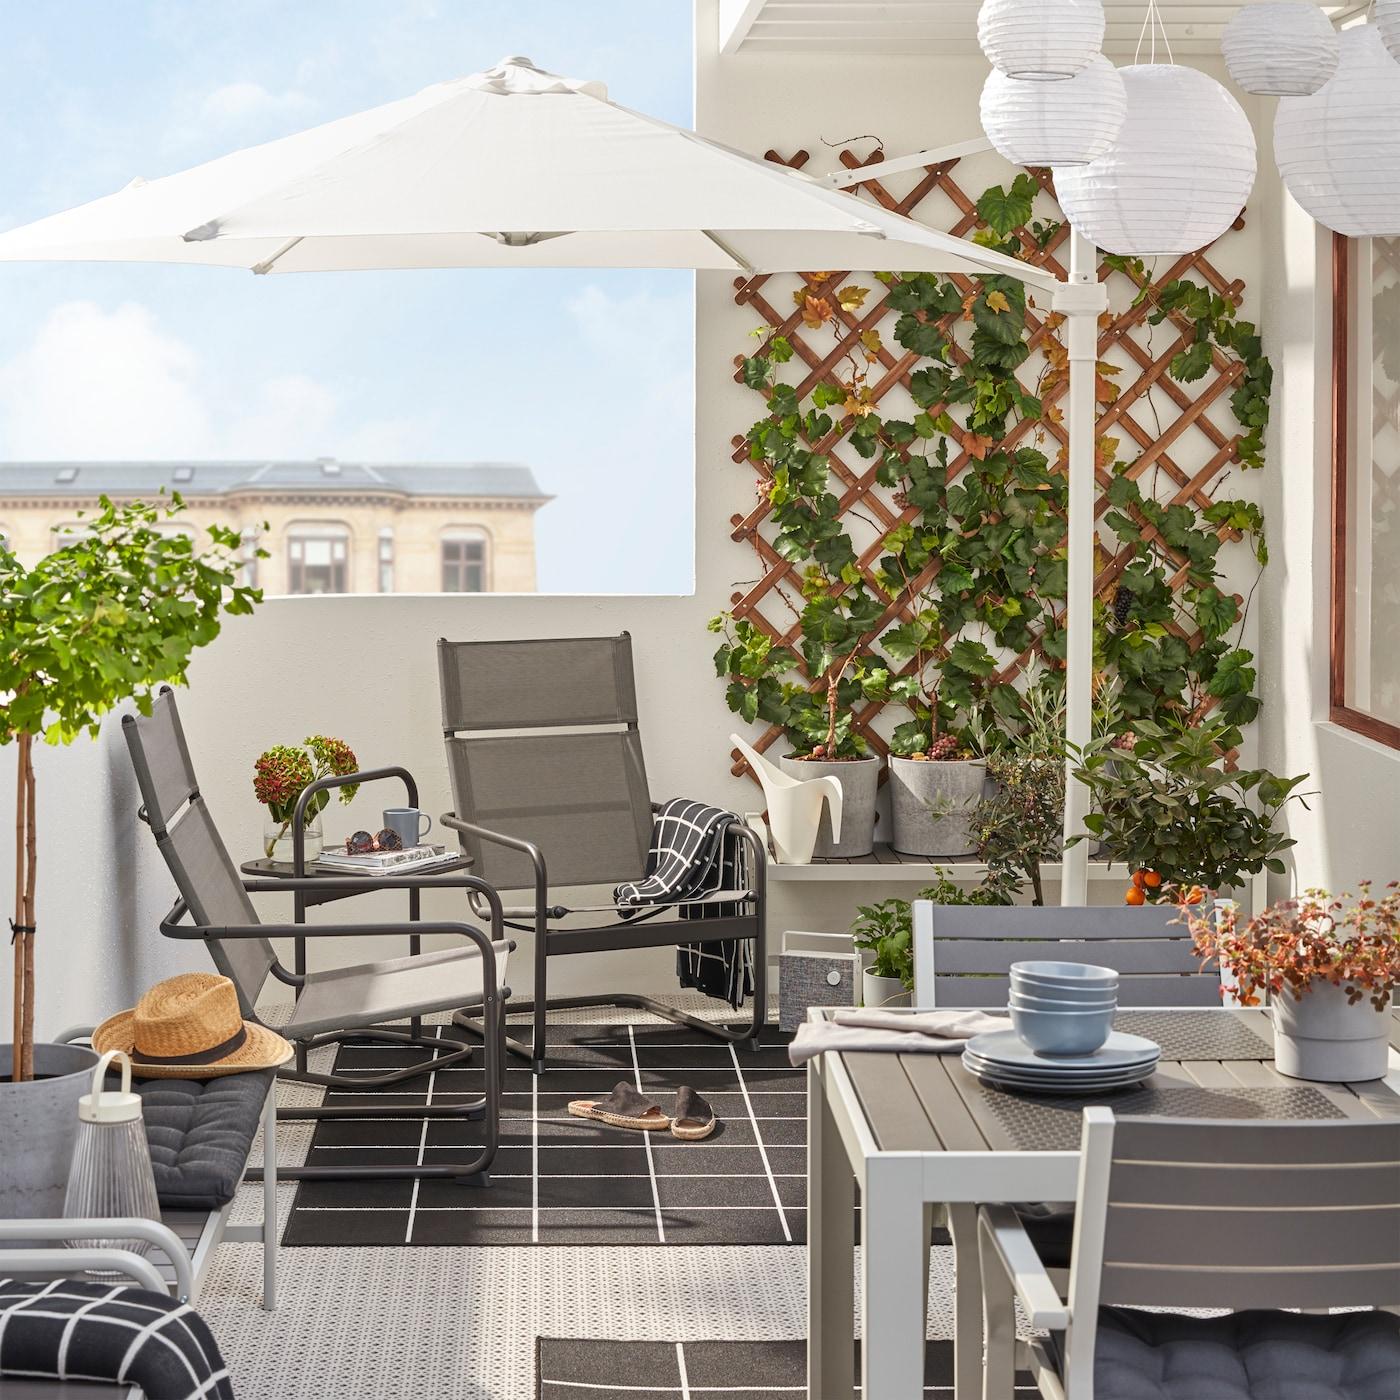 Balkon s křesly a stolkem HUSARÖ, bílým stolem a šedými židlemi, šedo-bílé koberce.